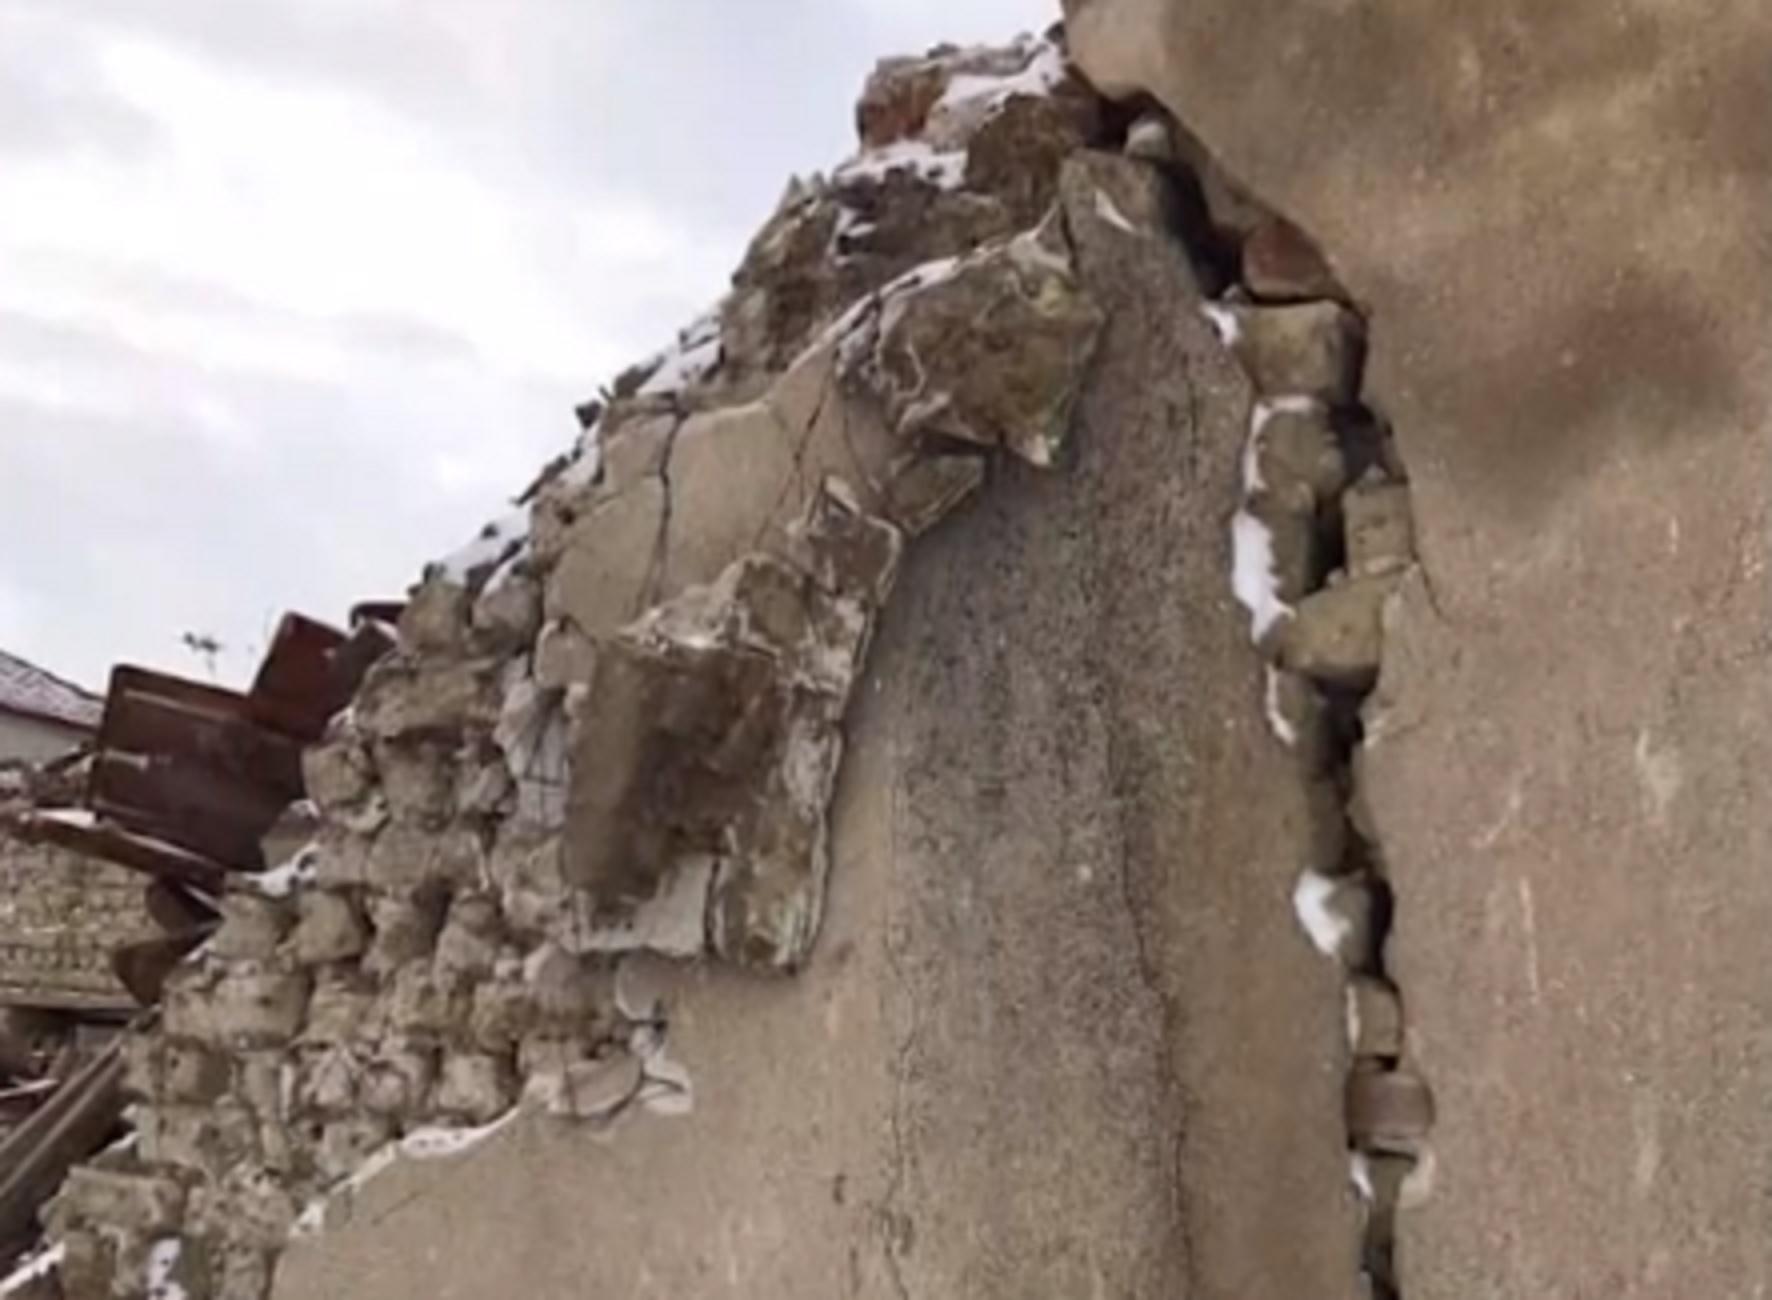 Φλώρινα: Φοβούνται ότι θα ανοίξει η γη και θα τους καταπιεί – Αυτό είναι το χωριό που κινδυνεύει να σβήσει από τον χάρτη